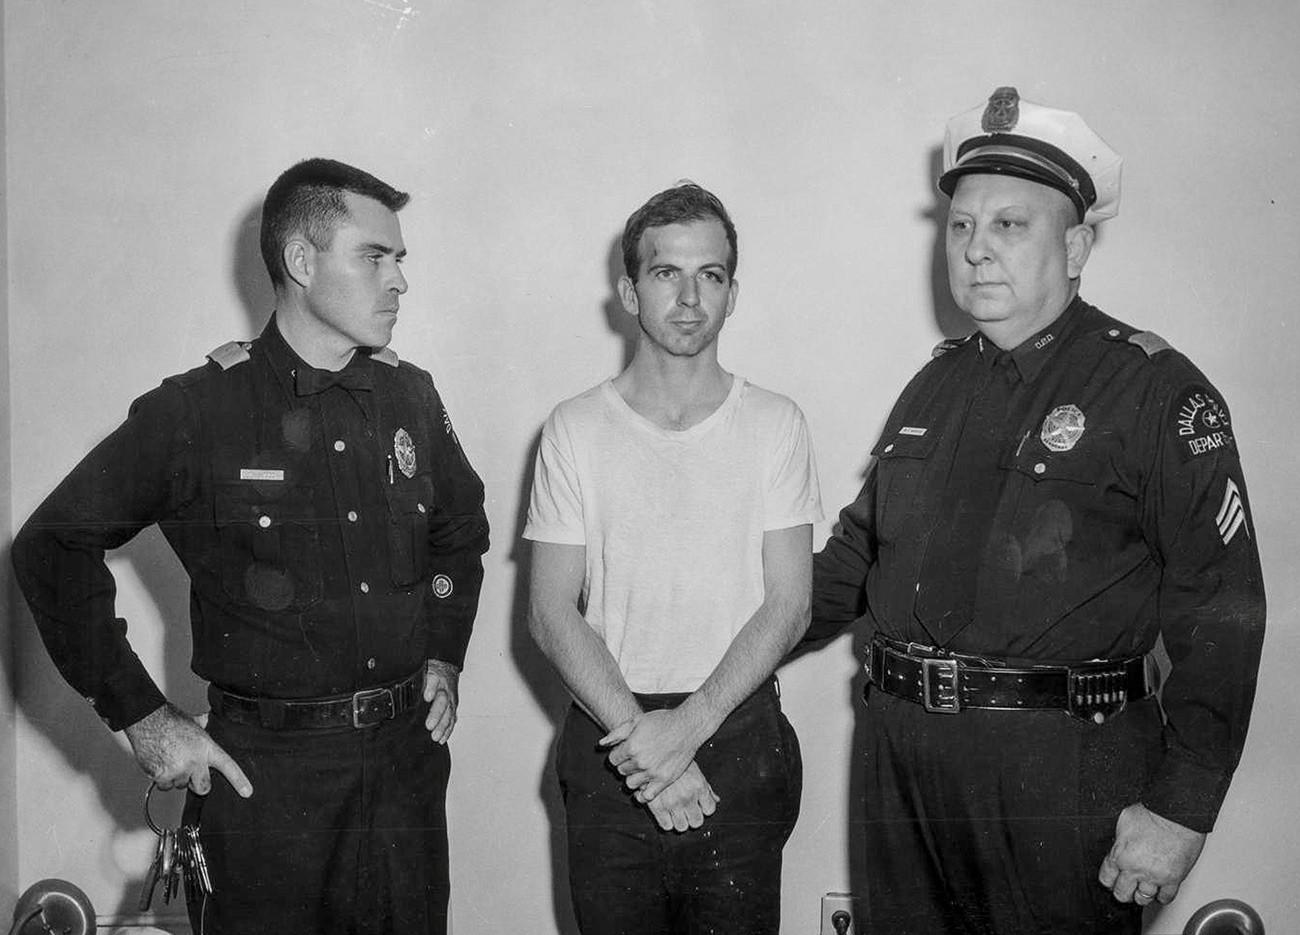 Imagem de arquivo do Departamento de Polícia de Dallas mostra o assassino de Kennedy, Lee Harvey, com policiais